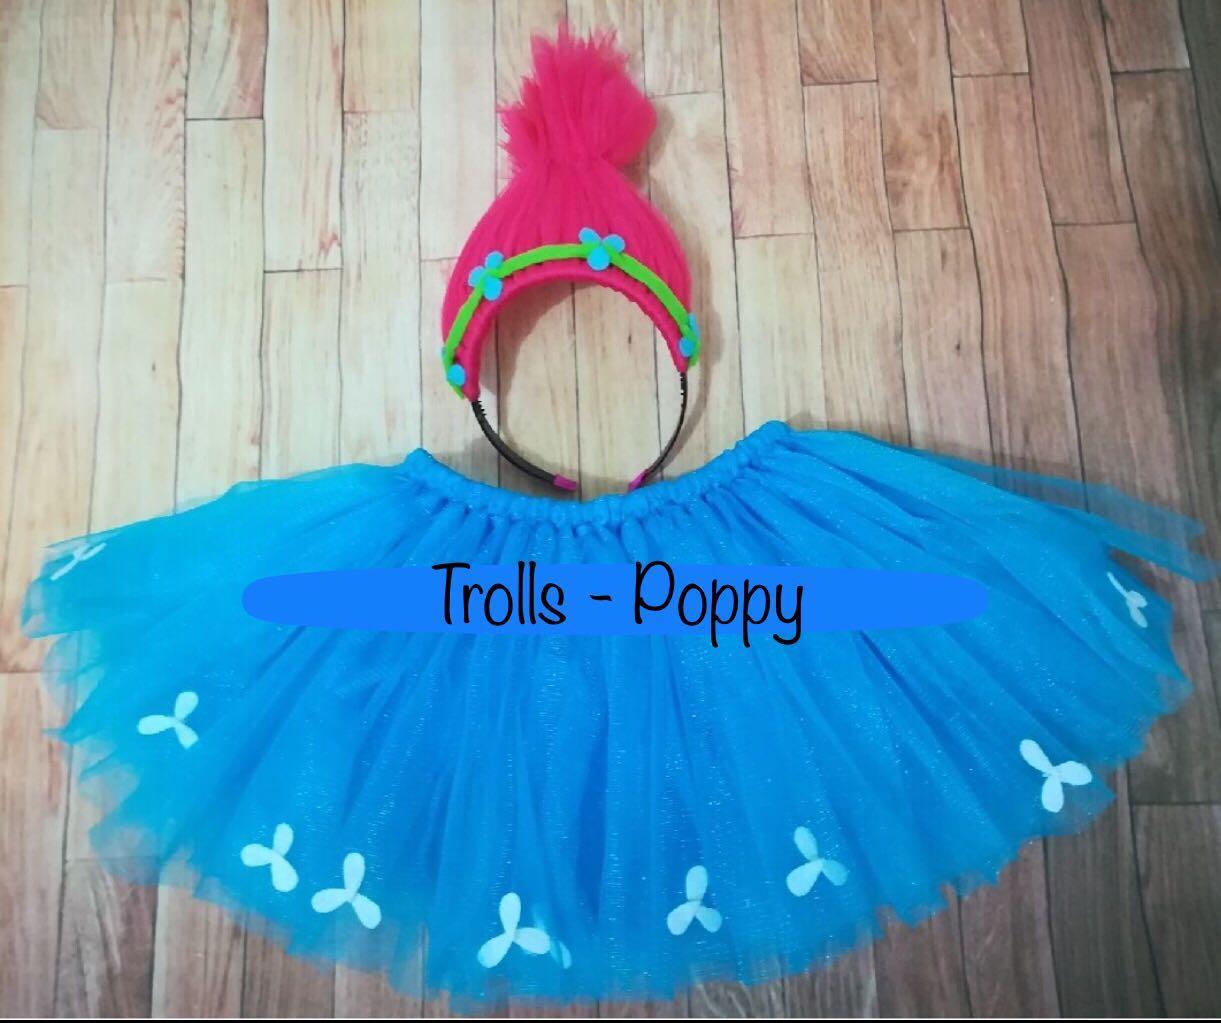 4d197f786334d Trolls-Poppy Tutu and Headband set, Babies & Kids, Girls' Apparel, 4 ...